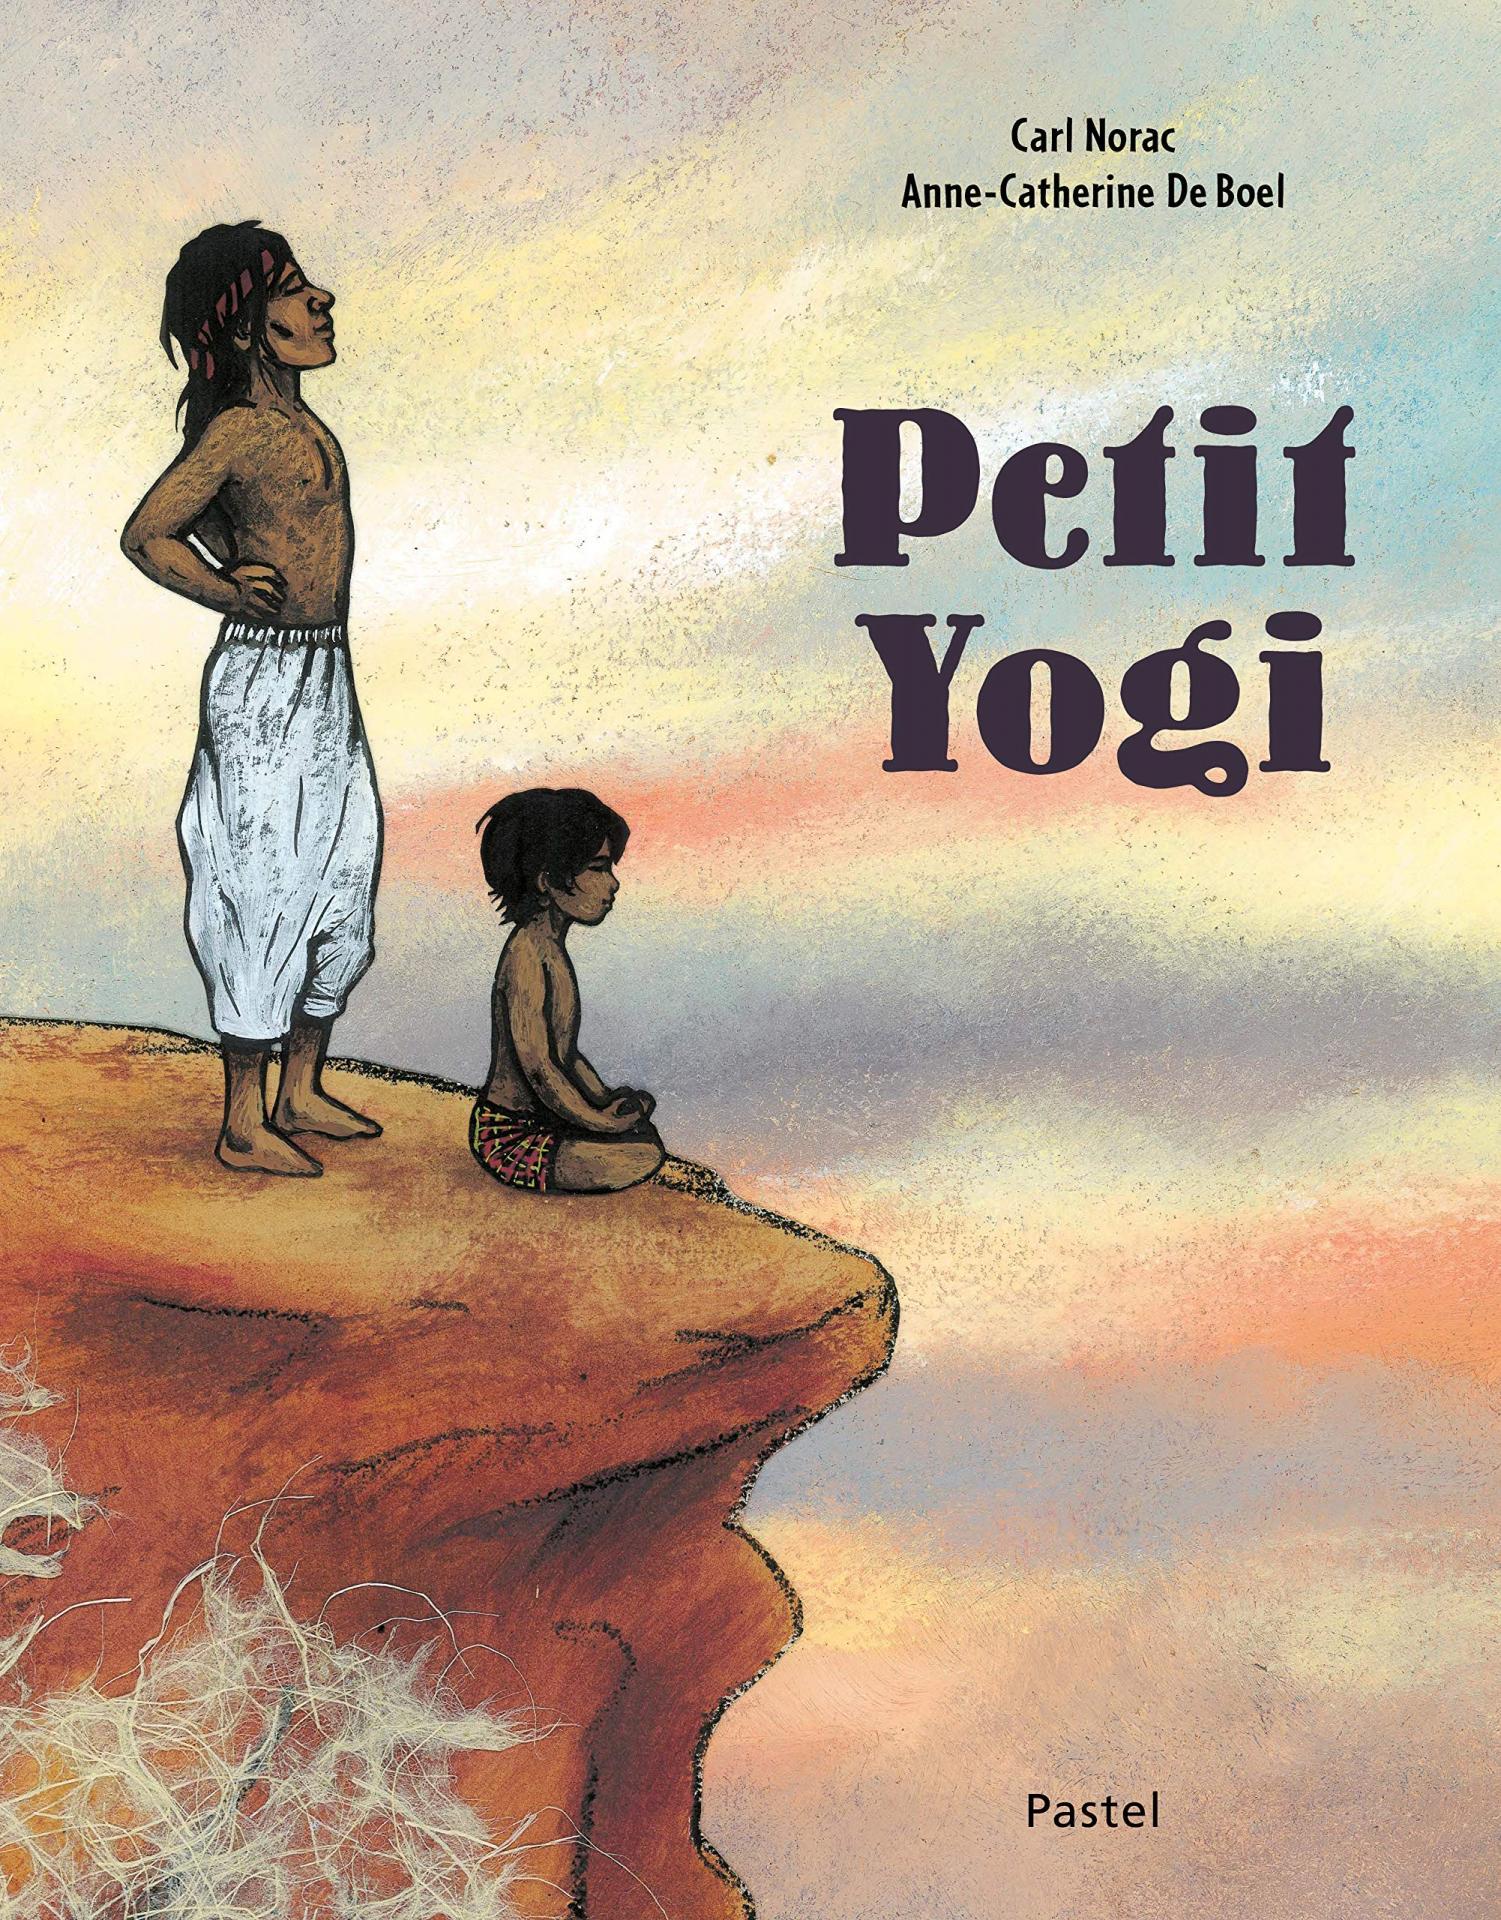 Petit yogi